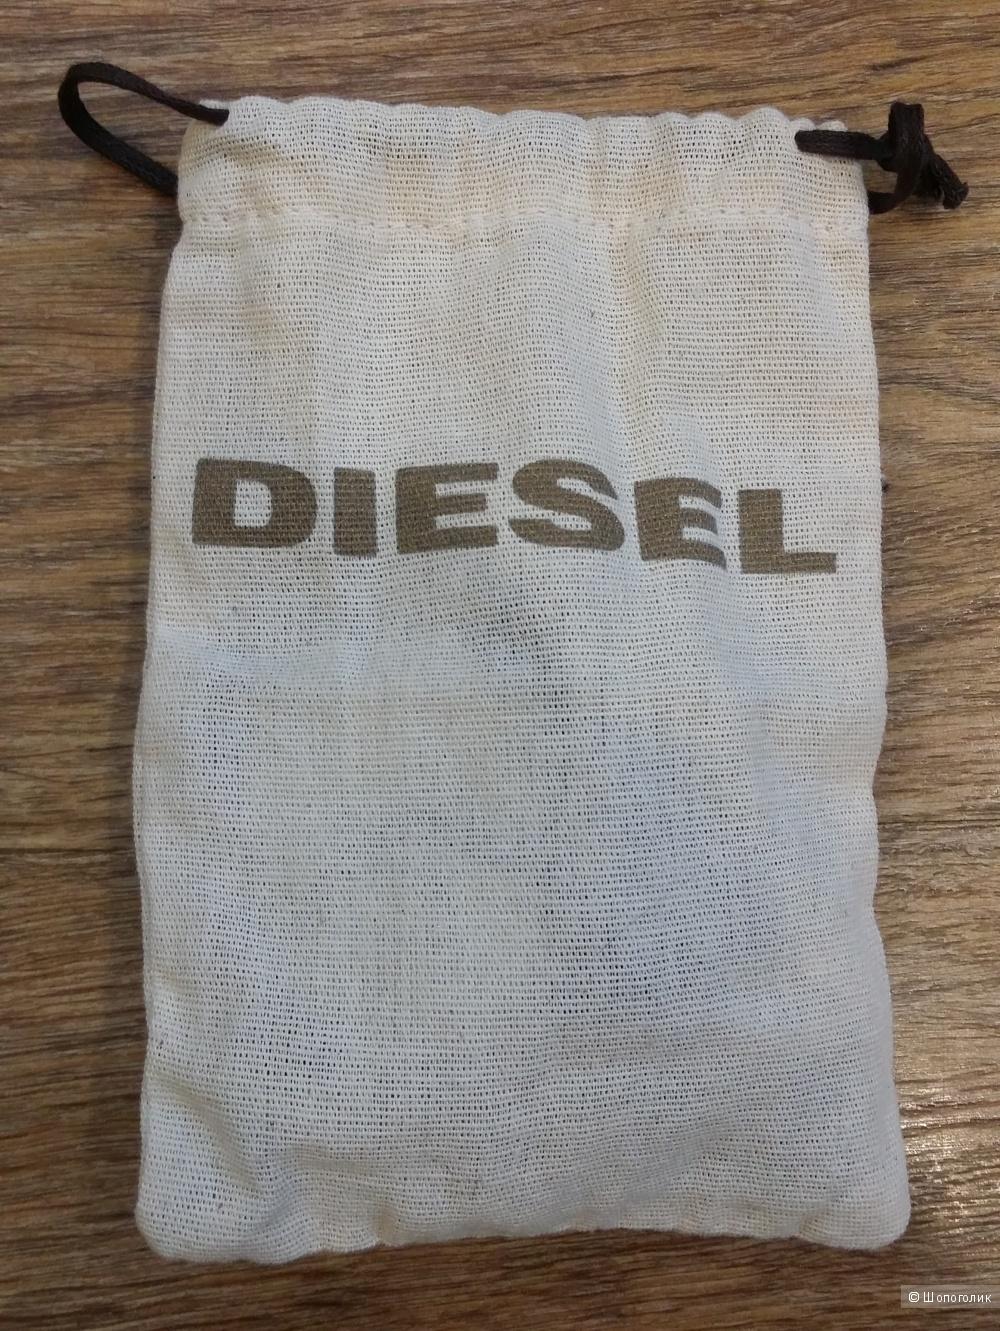 Декоративный ремень DIESEL  c навесным кошелечком, металл, кожа